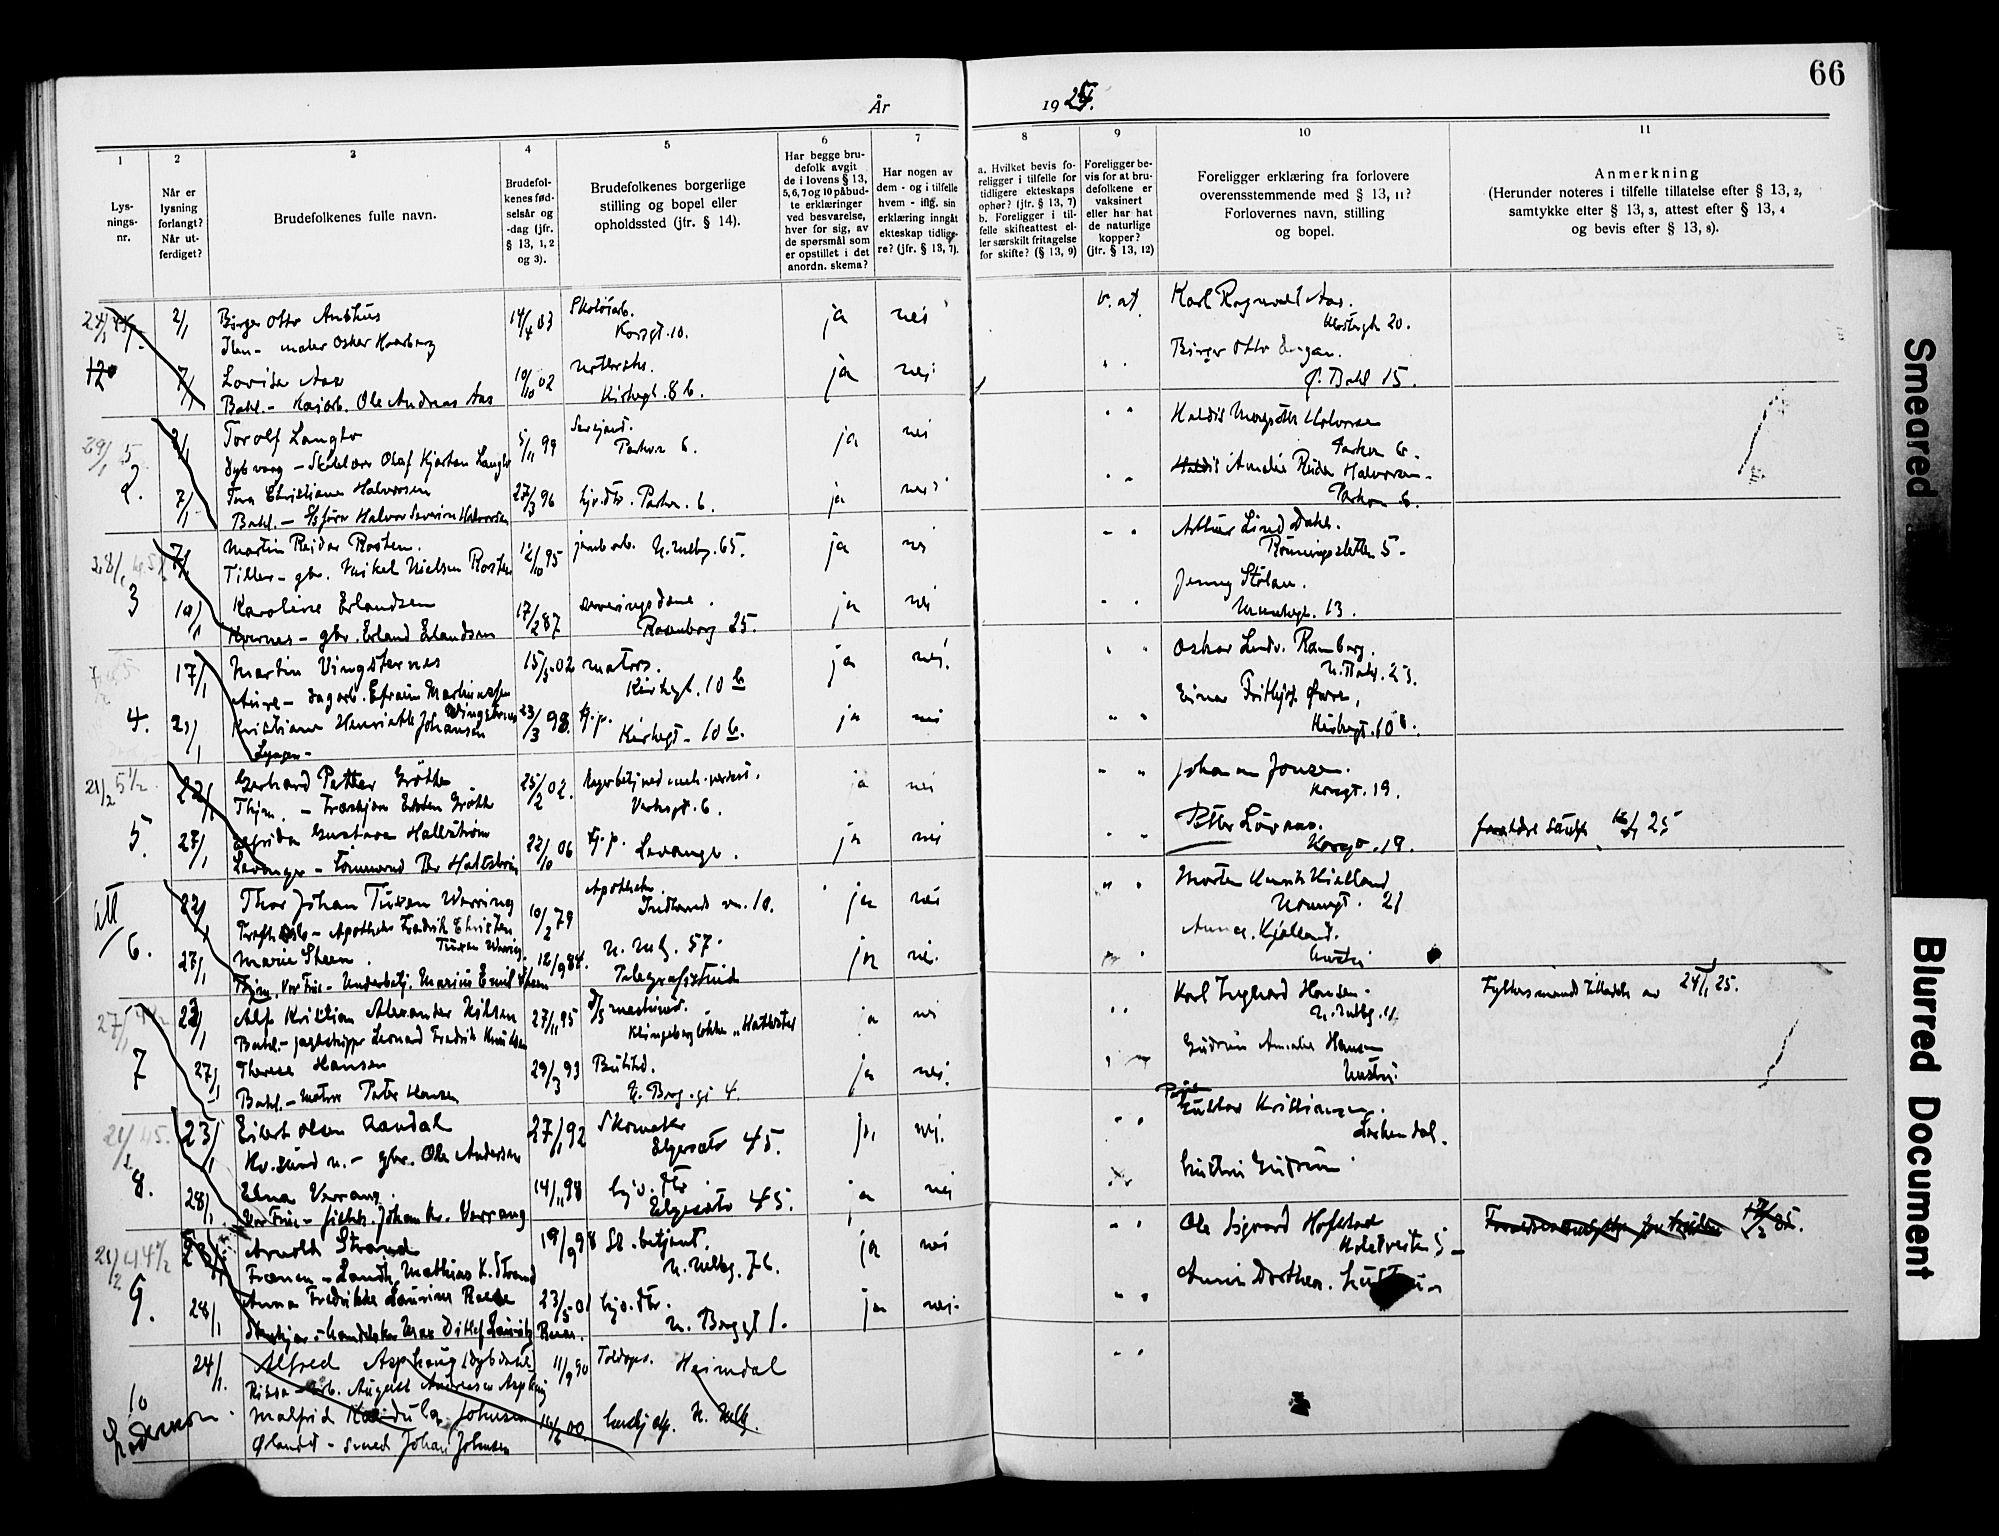 SAT, Ministerialprotokoller, klokkerbøker og fødselsregistre - Sør-Trøndelag, 604/L0196: Lysningsprotokoll nr. 604A17, 1919-1927, s. 66